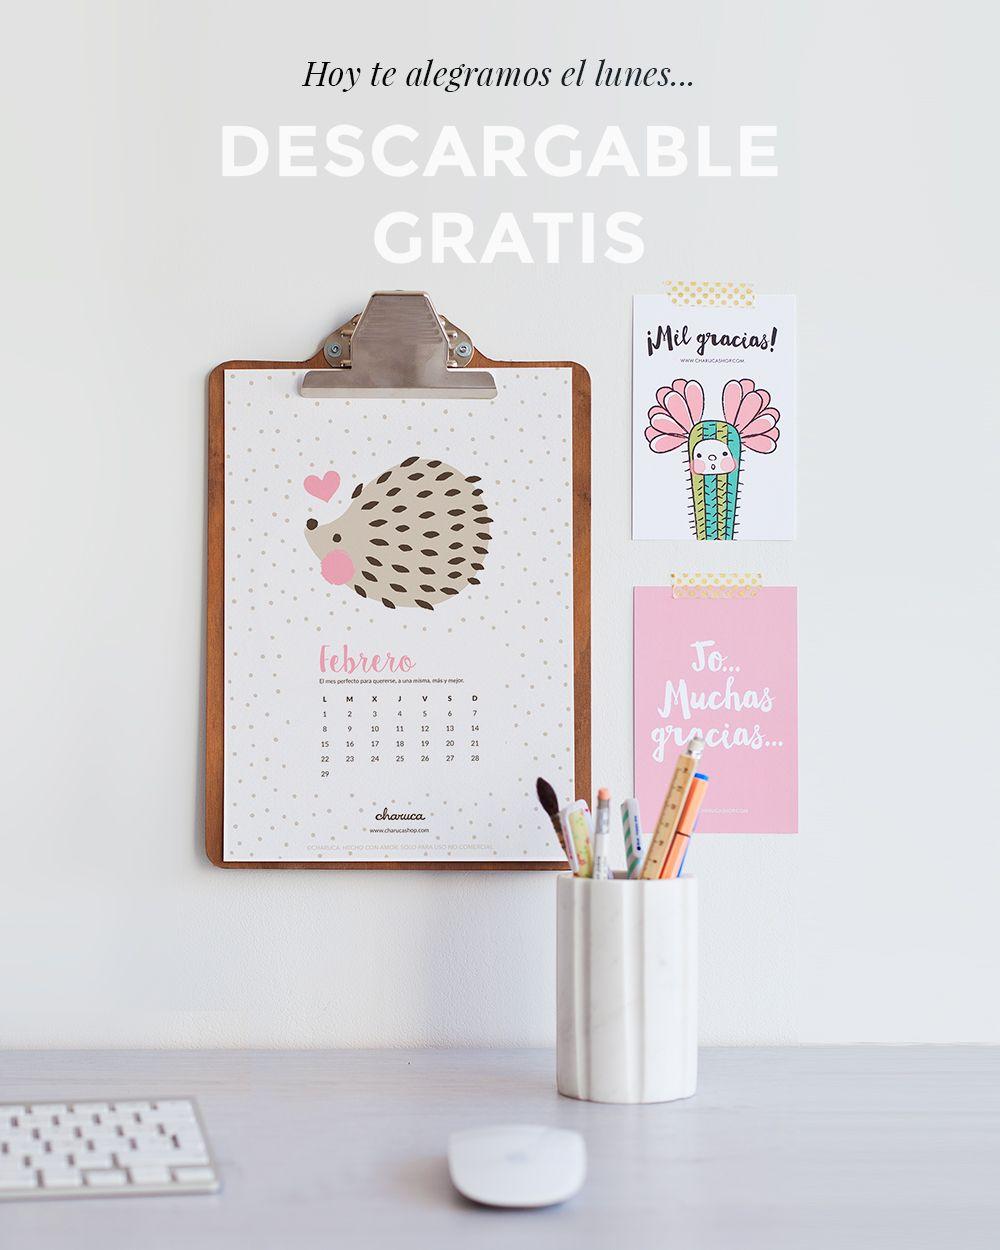 Pulsa sobre la imagen para descargar tu calendario.